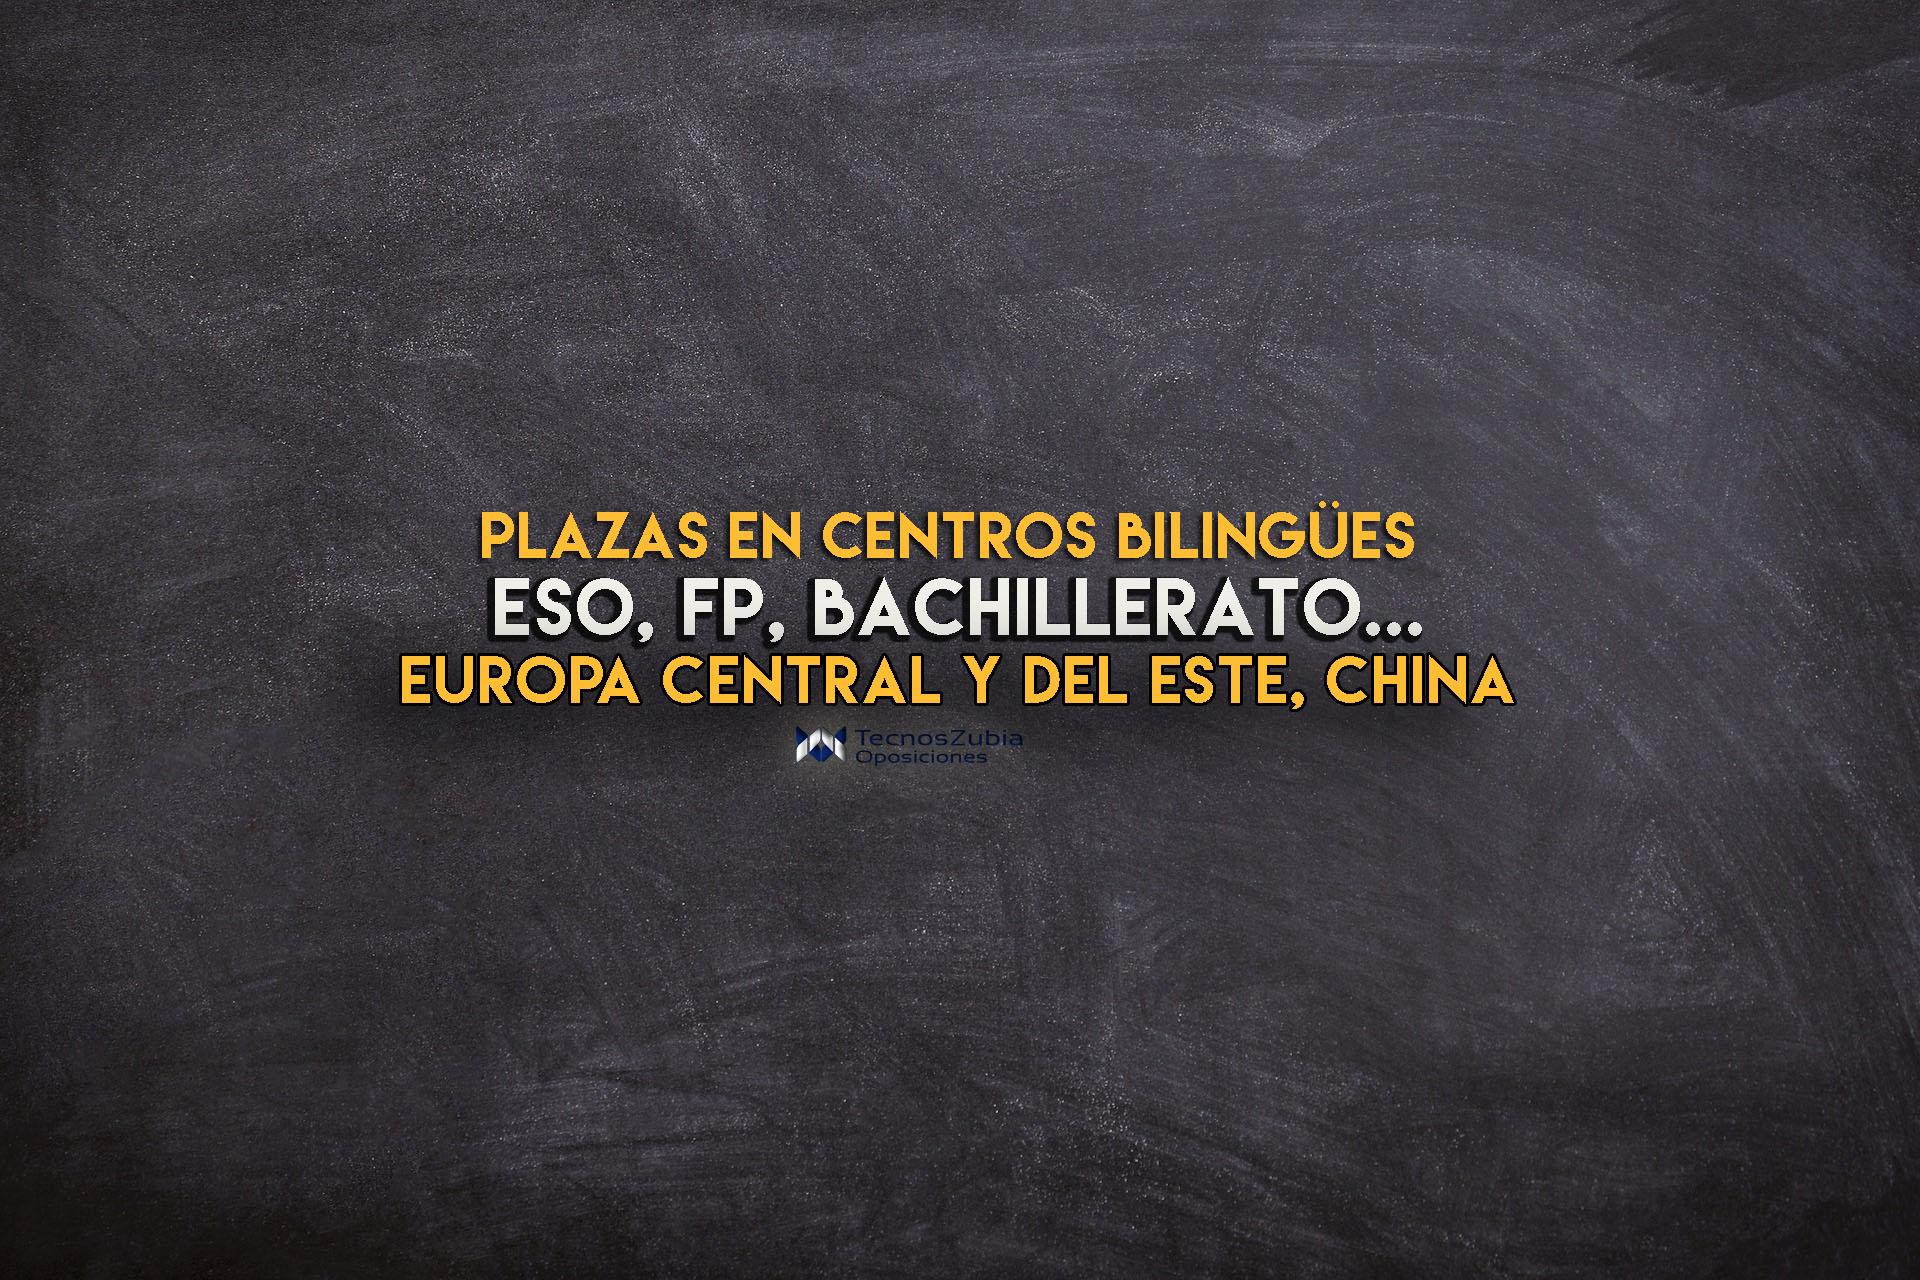 Plazas docentes en centros bilingües